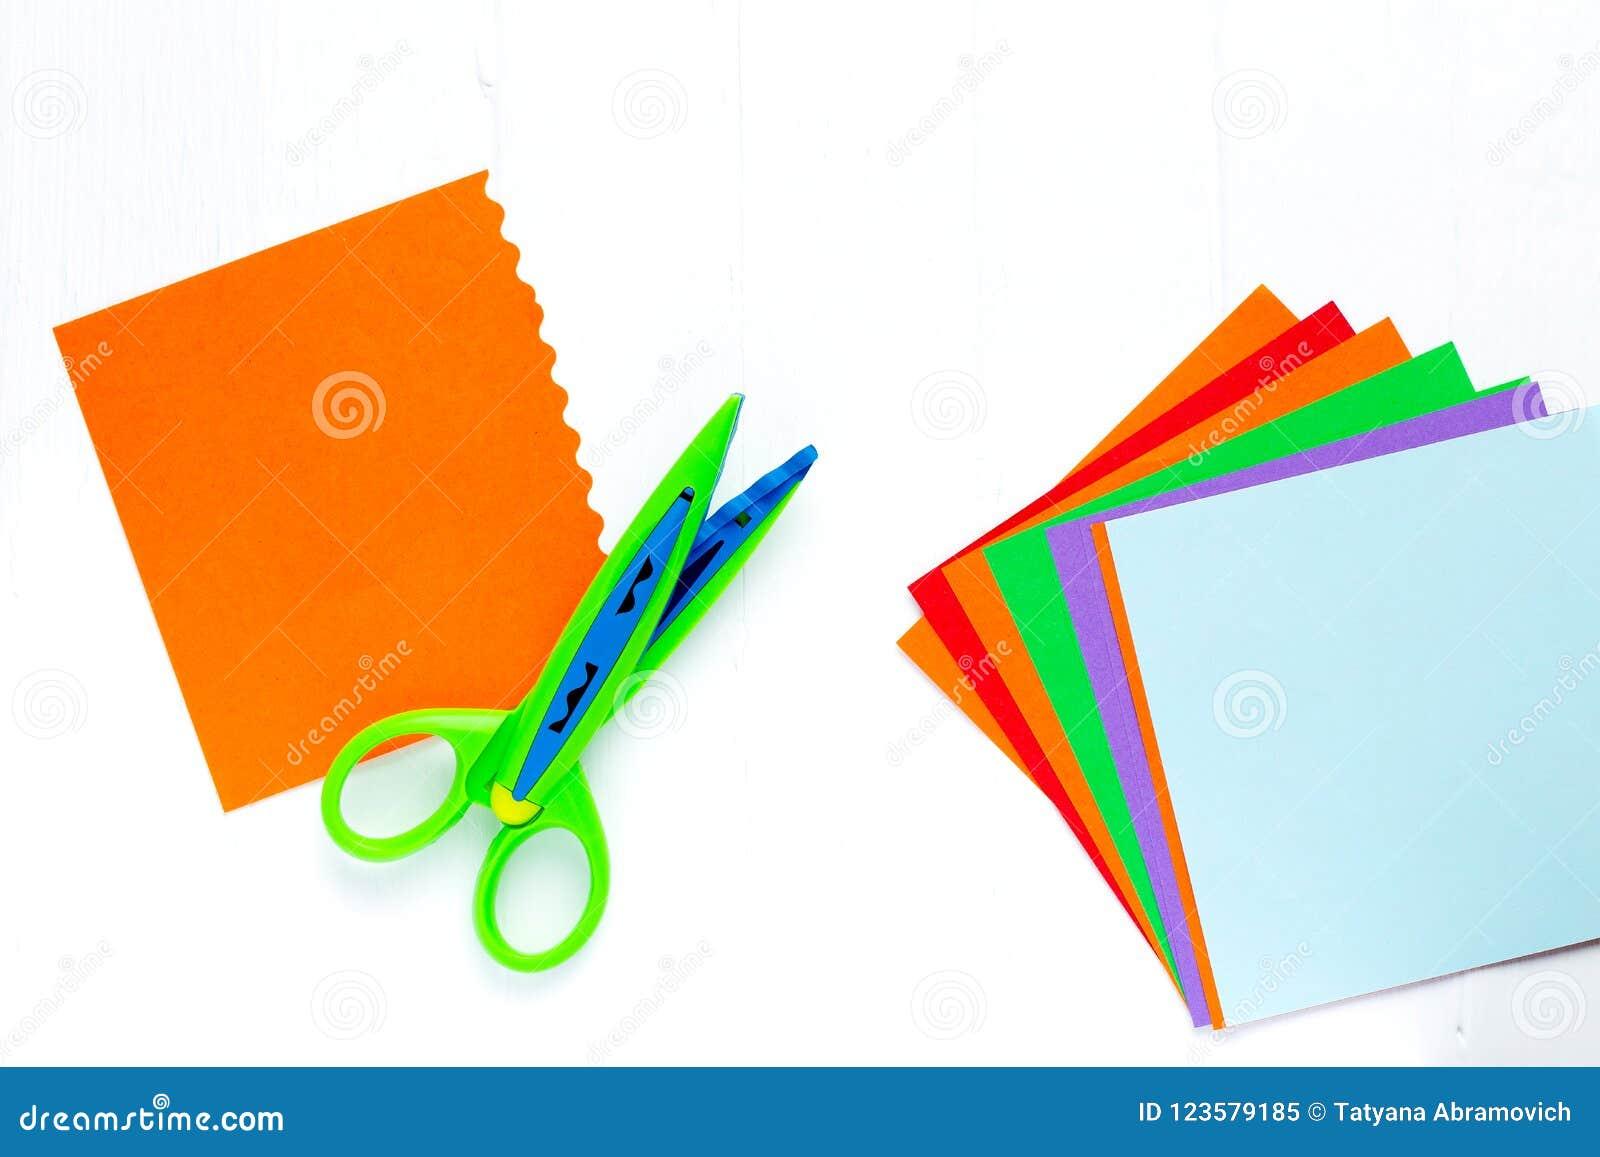 Koloru papier dla origami jest fan, nożyce z falistą krawędzią Na biel stole